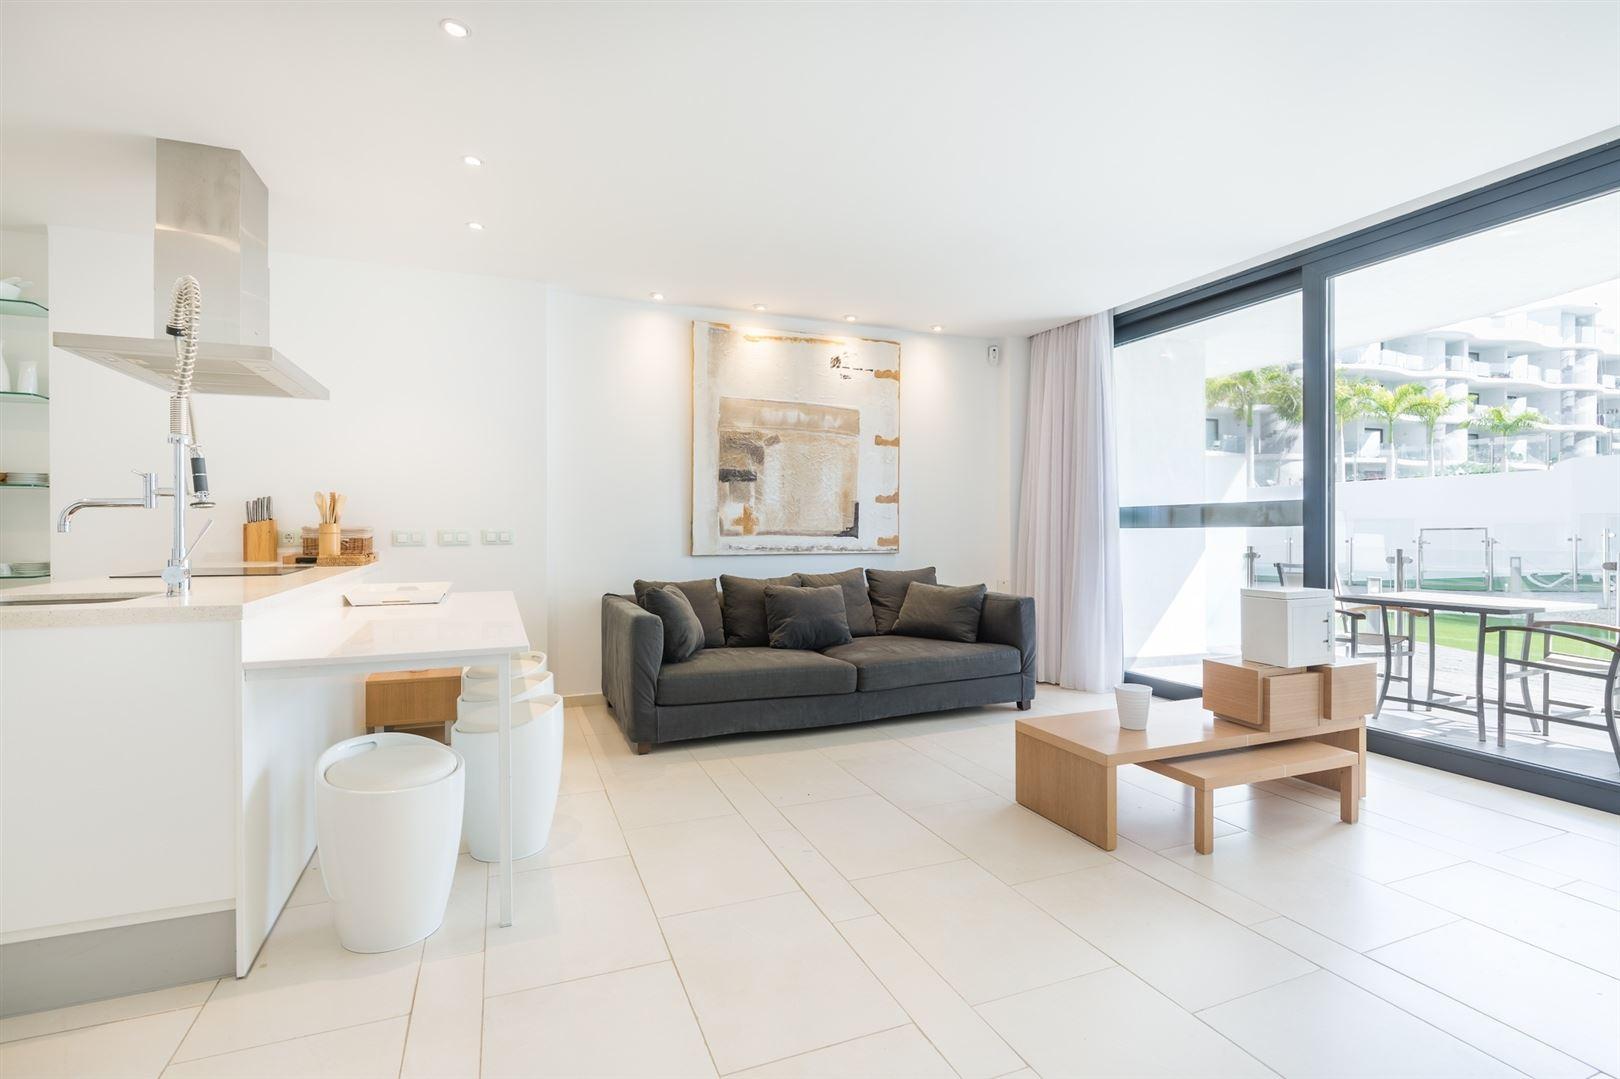 Foto 3 : Appartement te 38632 PALM MAR (Spanje) - Prijs € 325.000